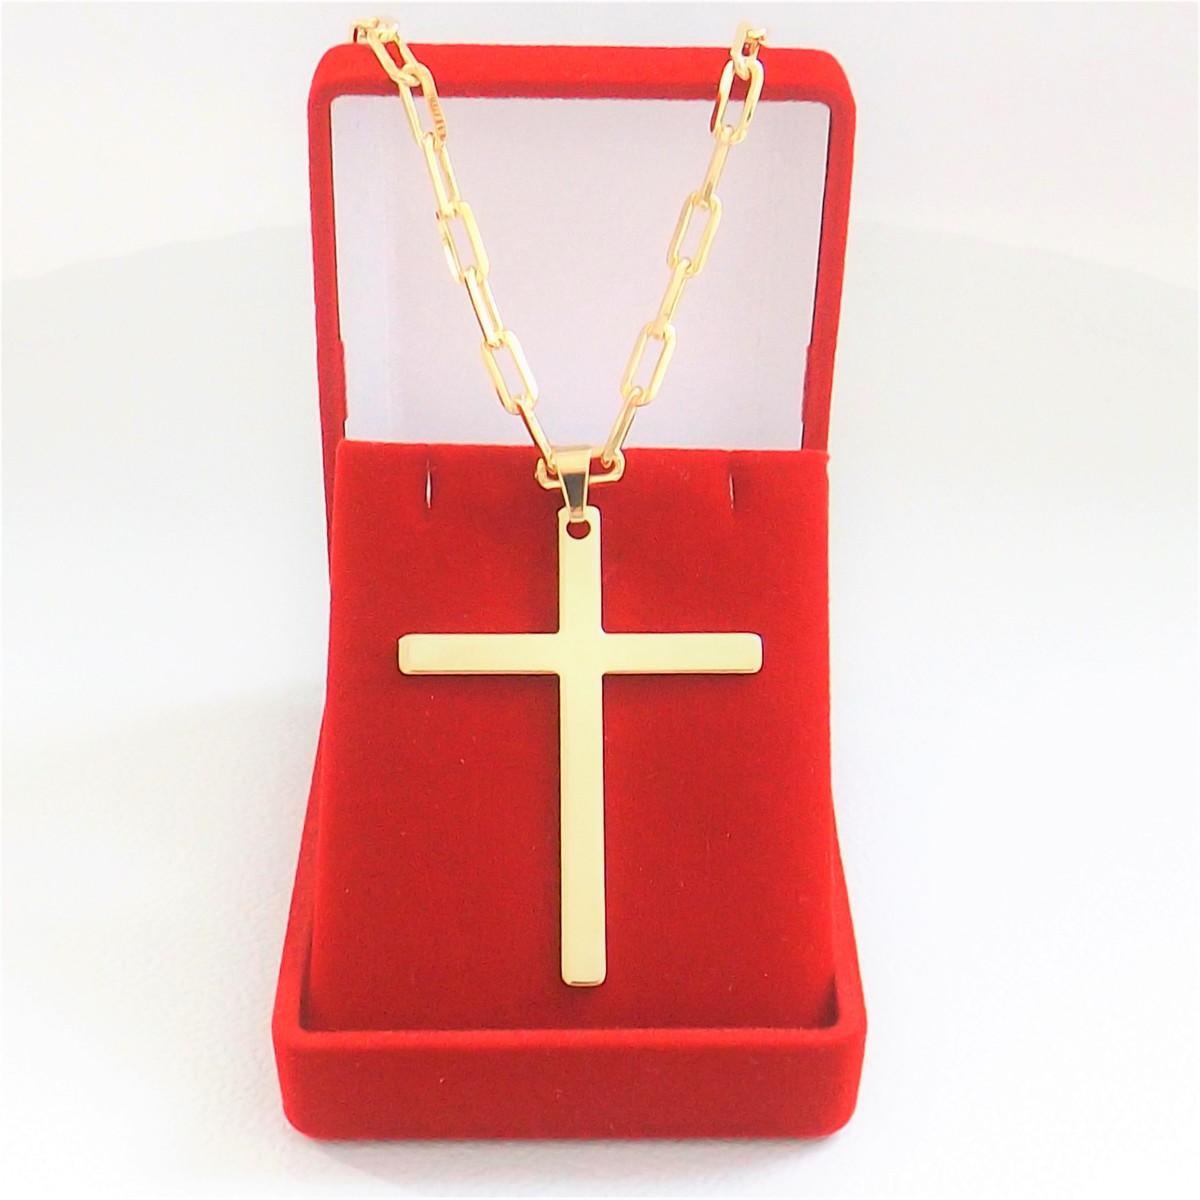 Corrente Masculina Cartier 60CM 4mm Crucifixo Folheado Ouro no Elo7 ... cad8bbd681